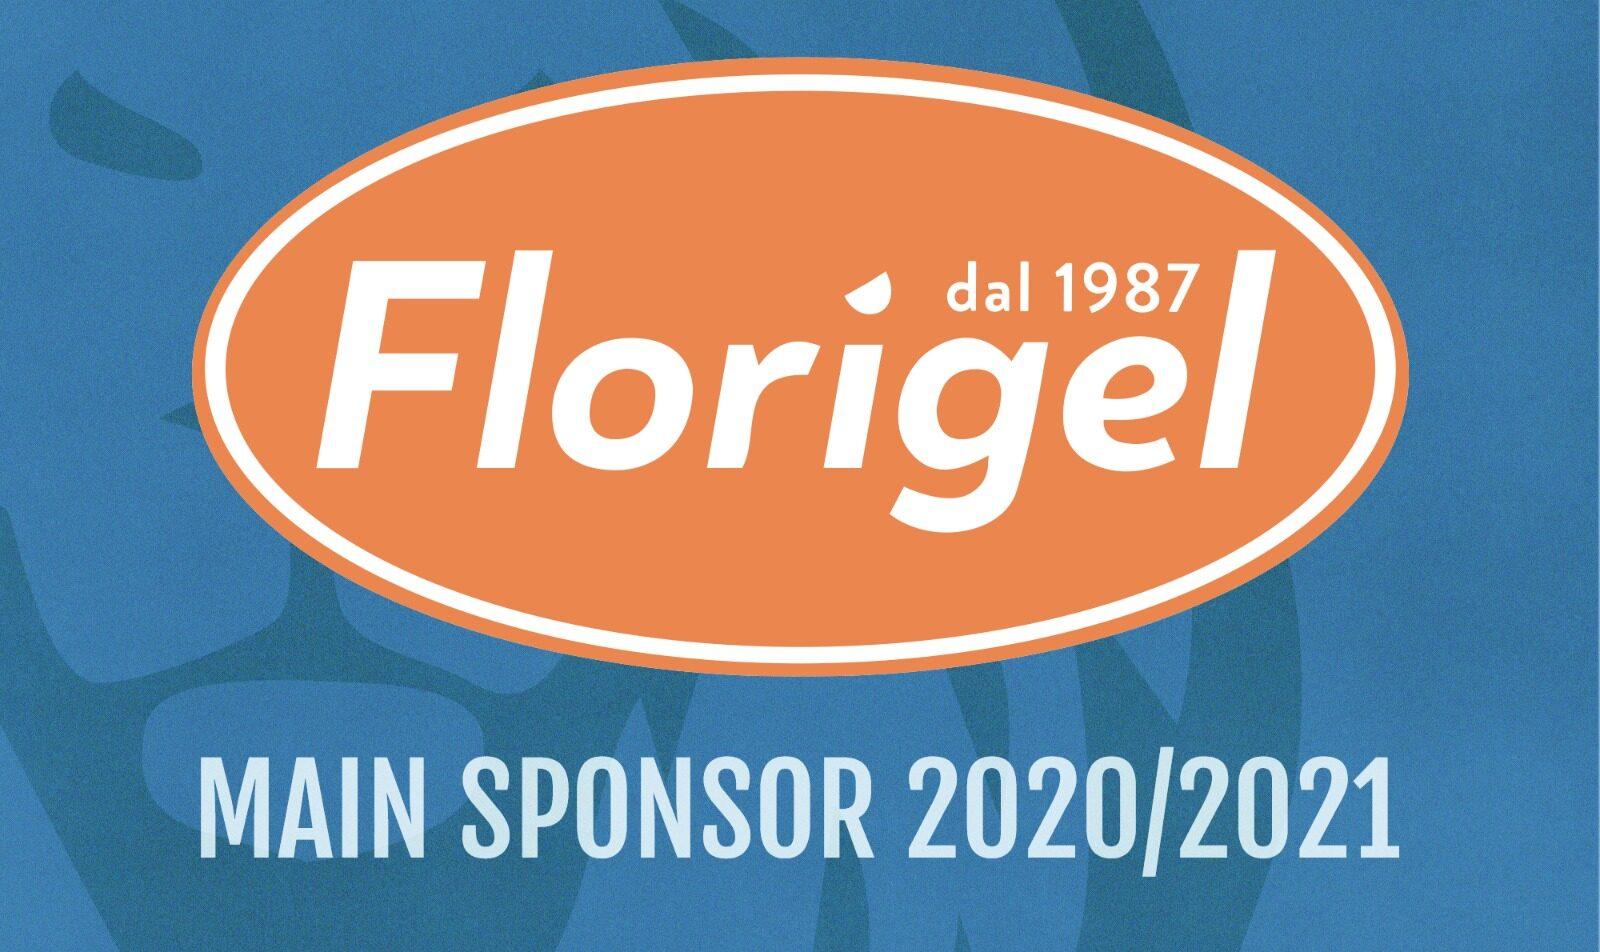 Florigel main sponsor per il sesto anno consecutivo